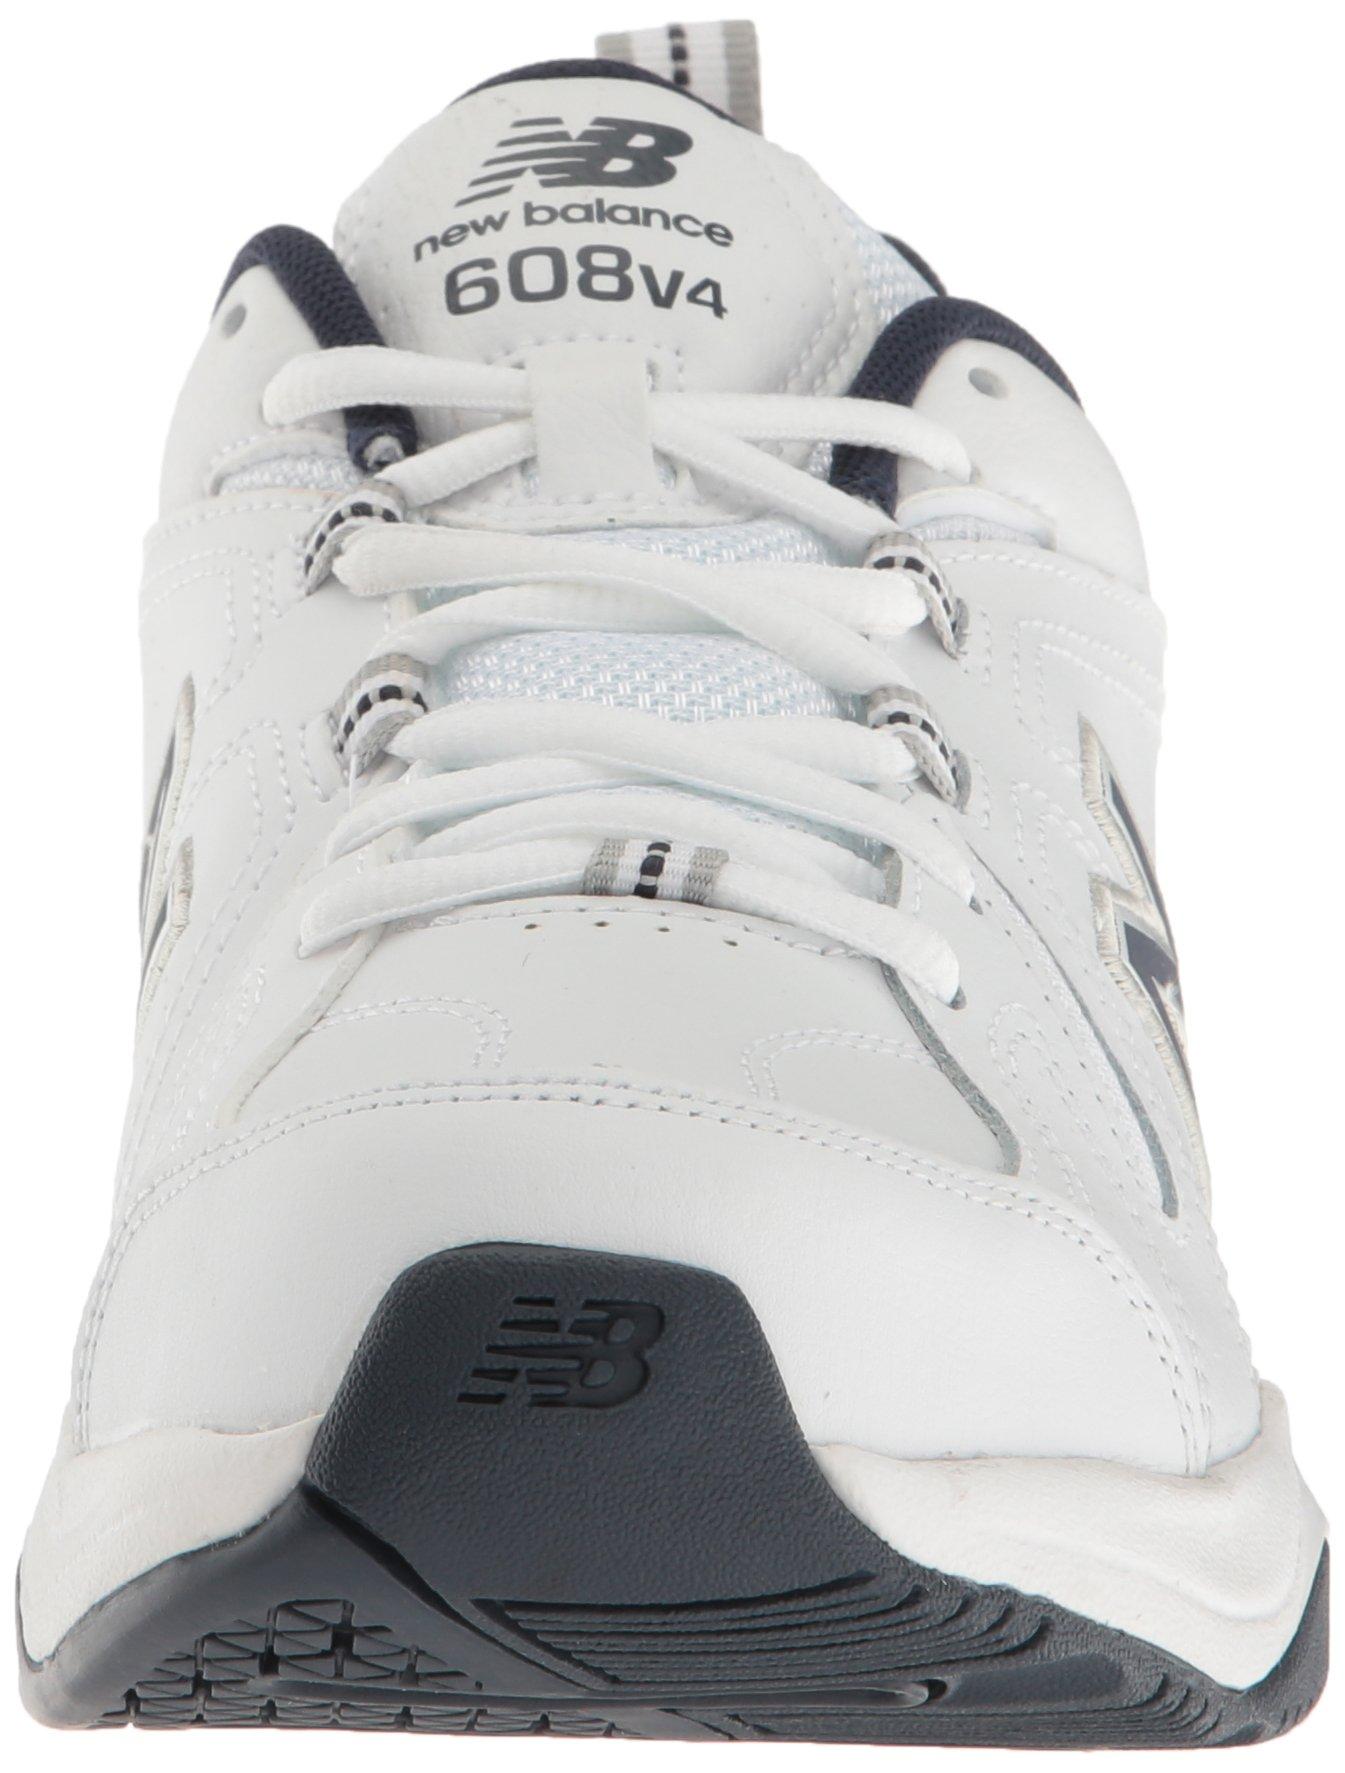 New Balance Men's MX608v4 Training Shoe, White/Navy, 7.5 4E US by New Balance (Image #4)